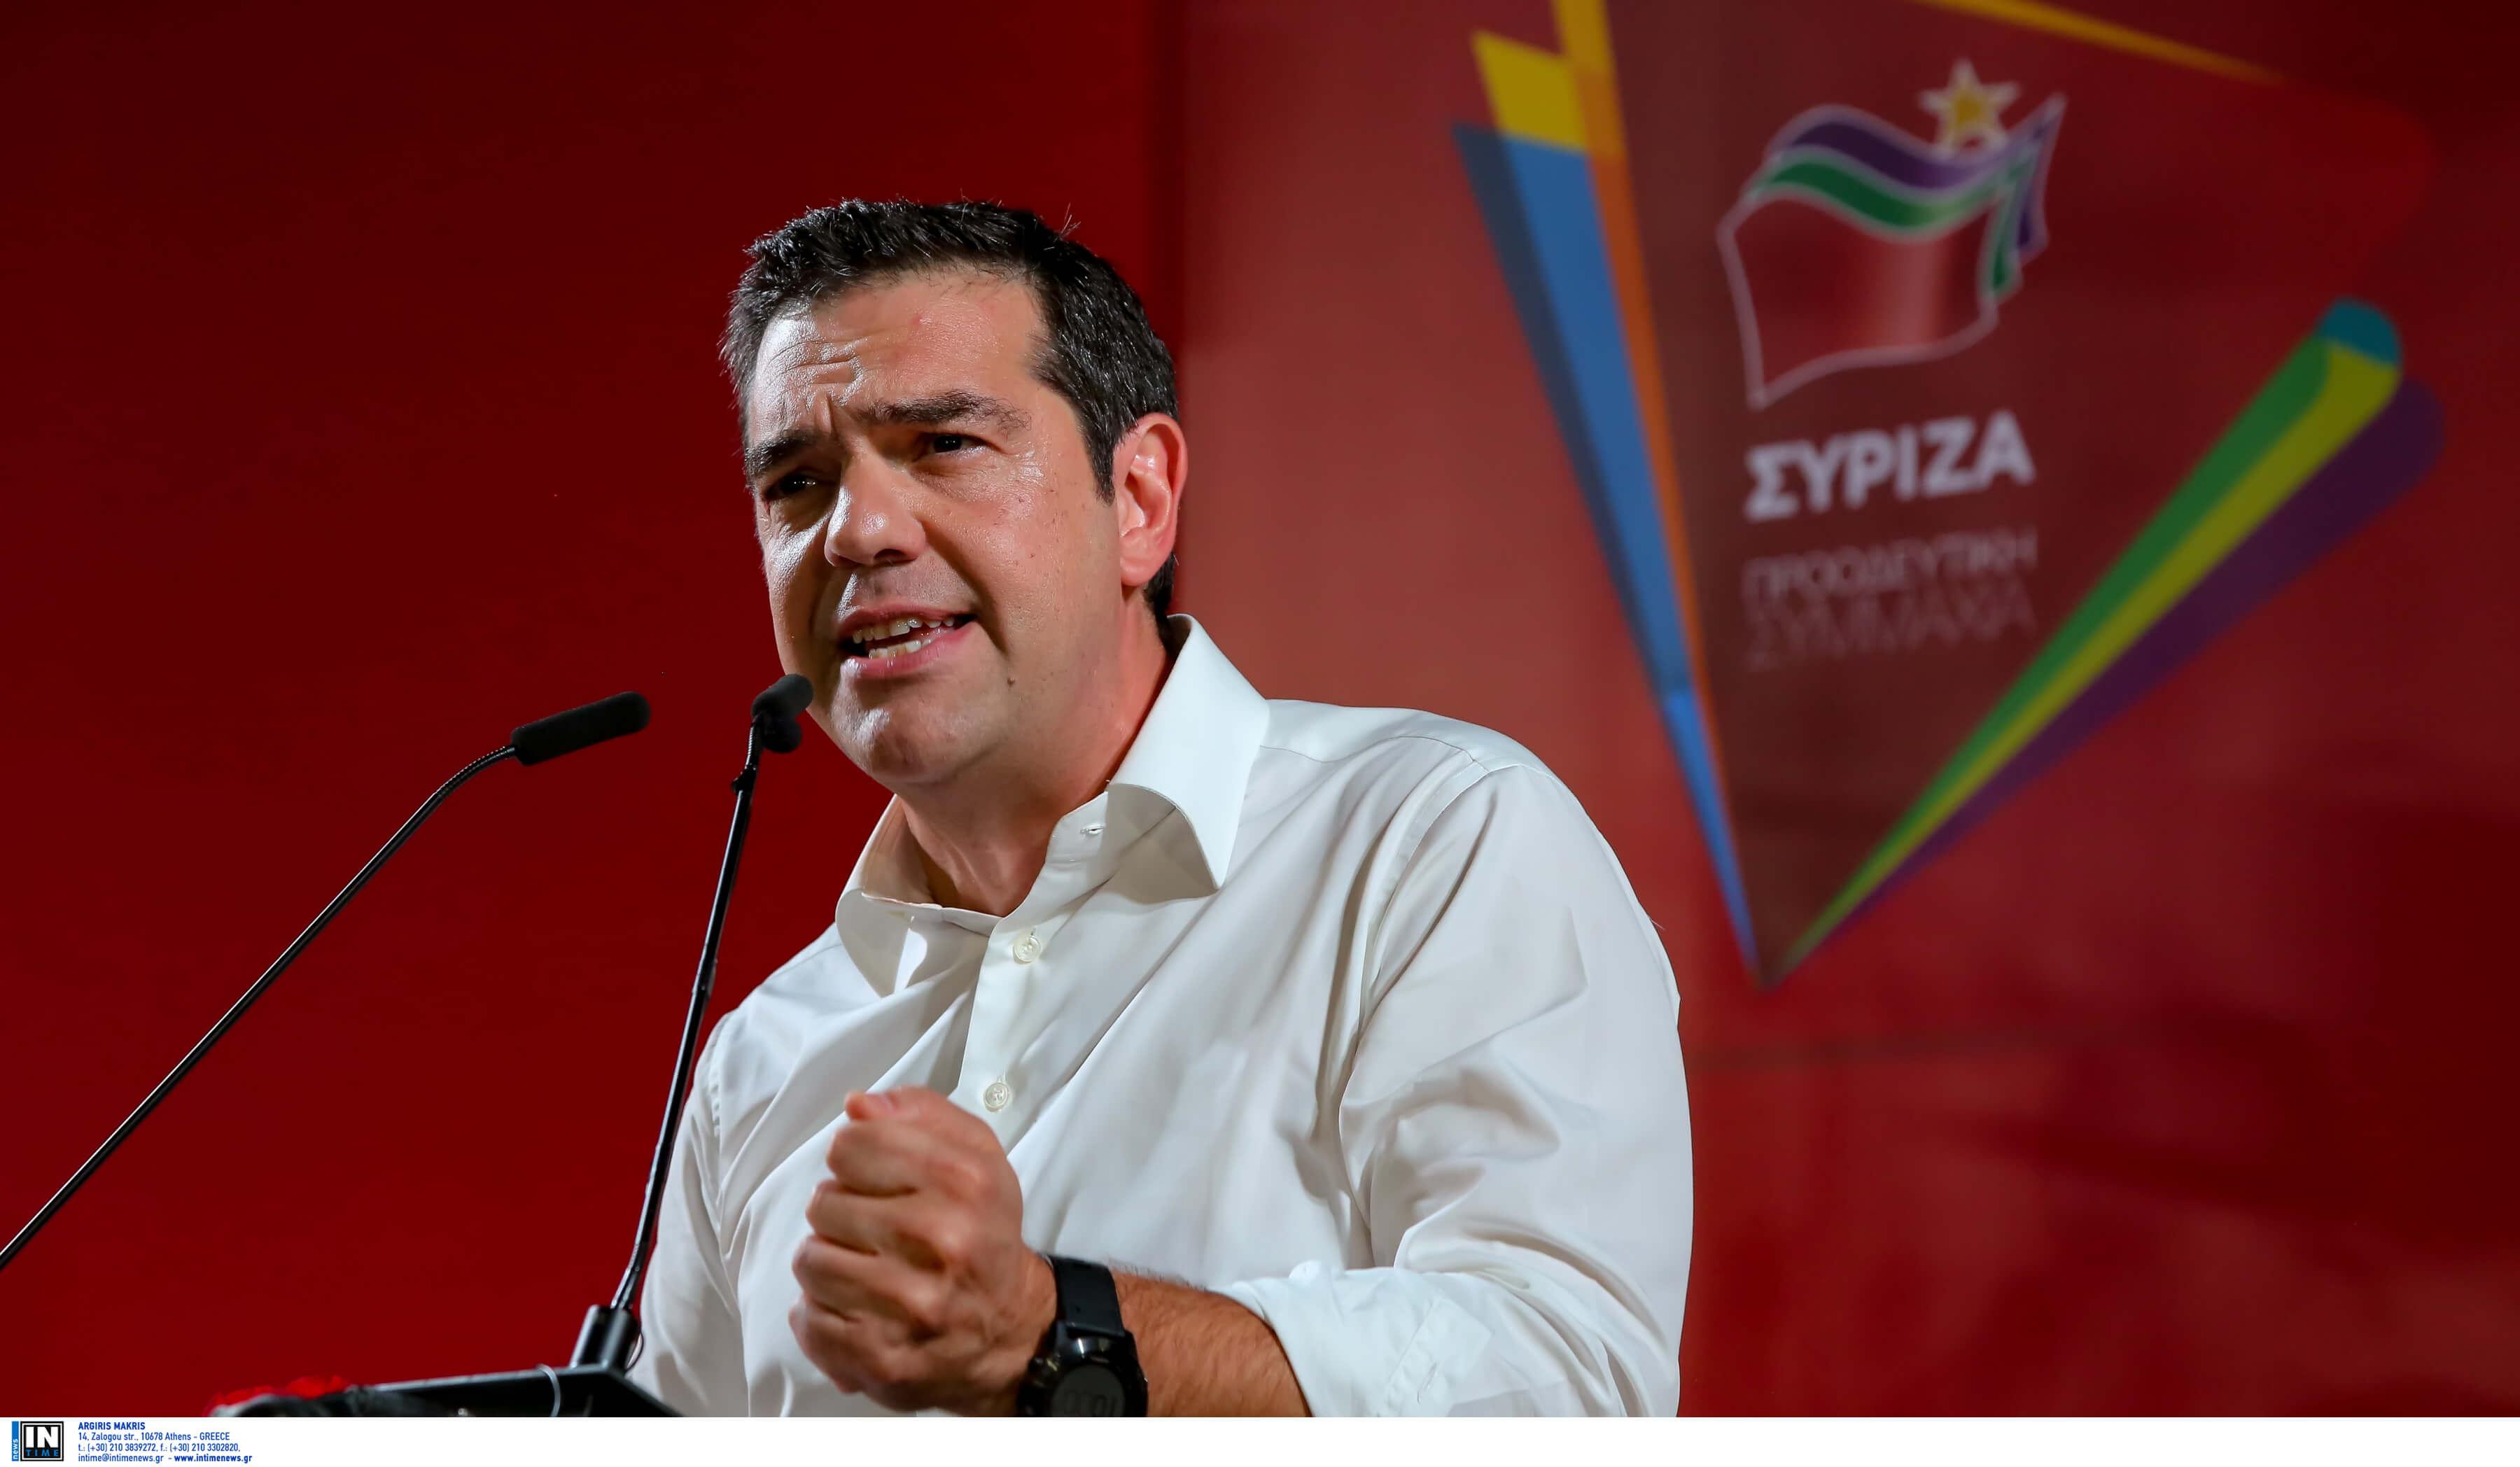 """Τσίπρας στο Βόλο: """"Όσοι έχουν αρχίσει να ράβουν κοστούμια είναι γελασμένοι"""" - """"Όχι σε αυτούς που χρεοκόπησαν την Ελλάδα""""!"""